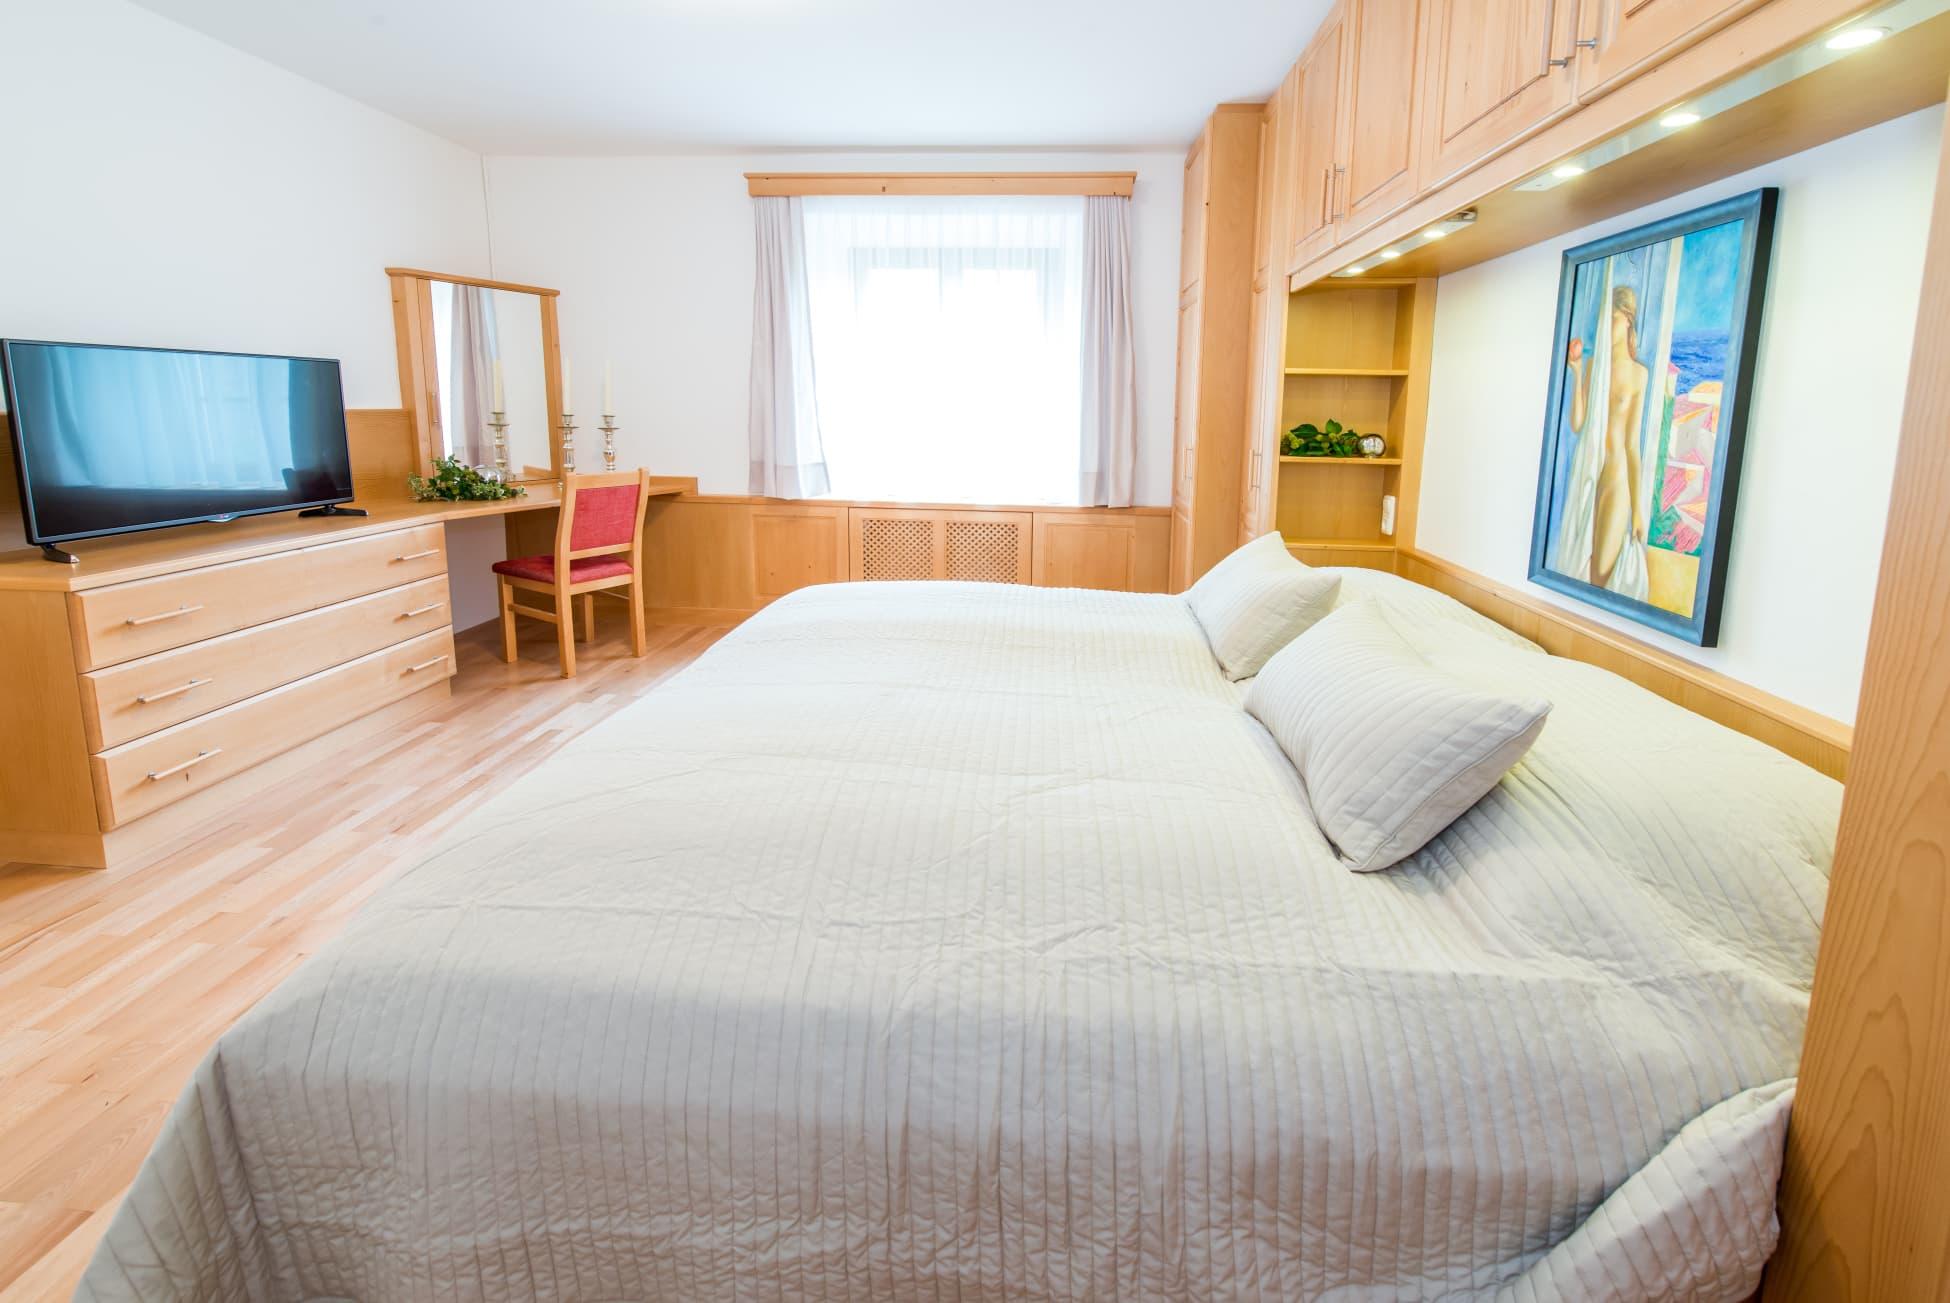 Schlafzimmer von Wohnung 4 in Ybbsitz